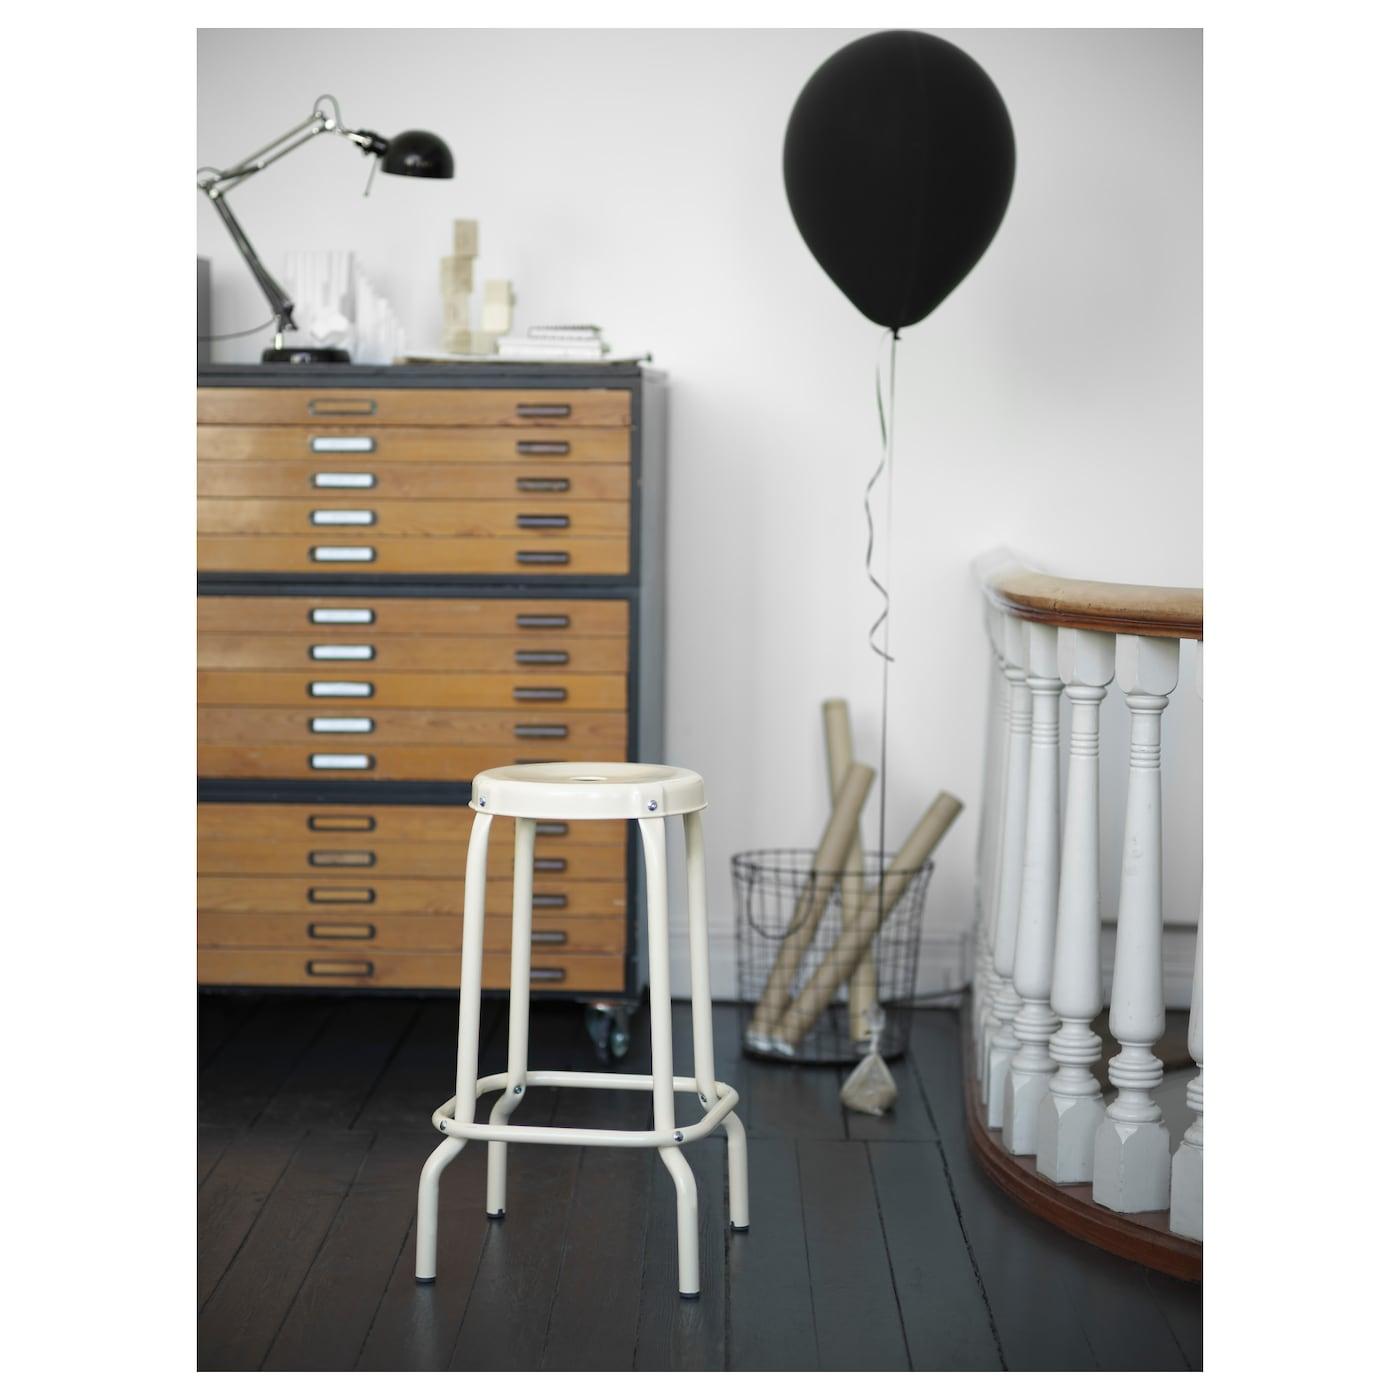 r skog tabouret de bar beige 63 cm ikea. Black Bedroom Furniture Sets. Home Design Ideas